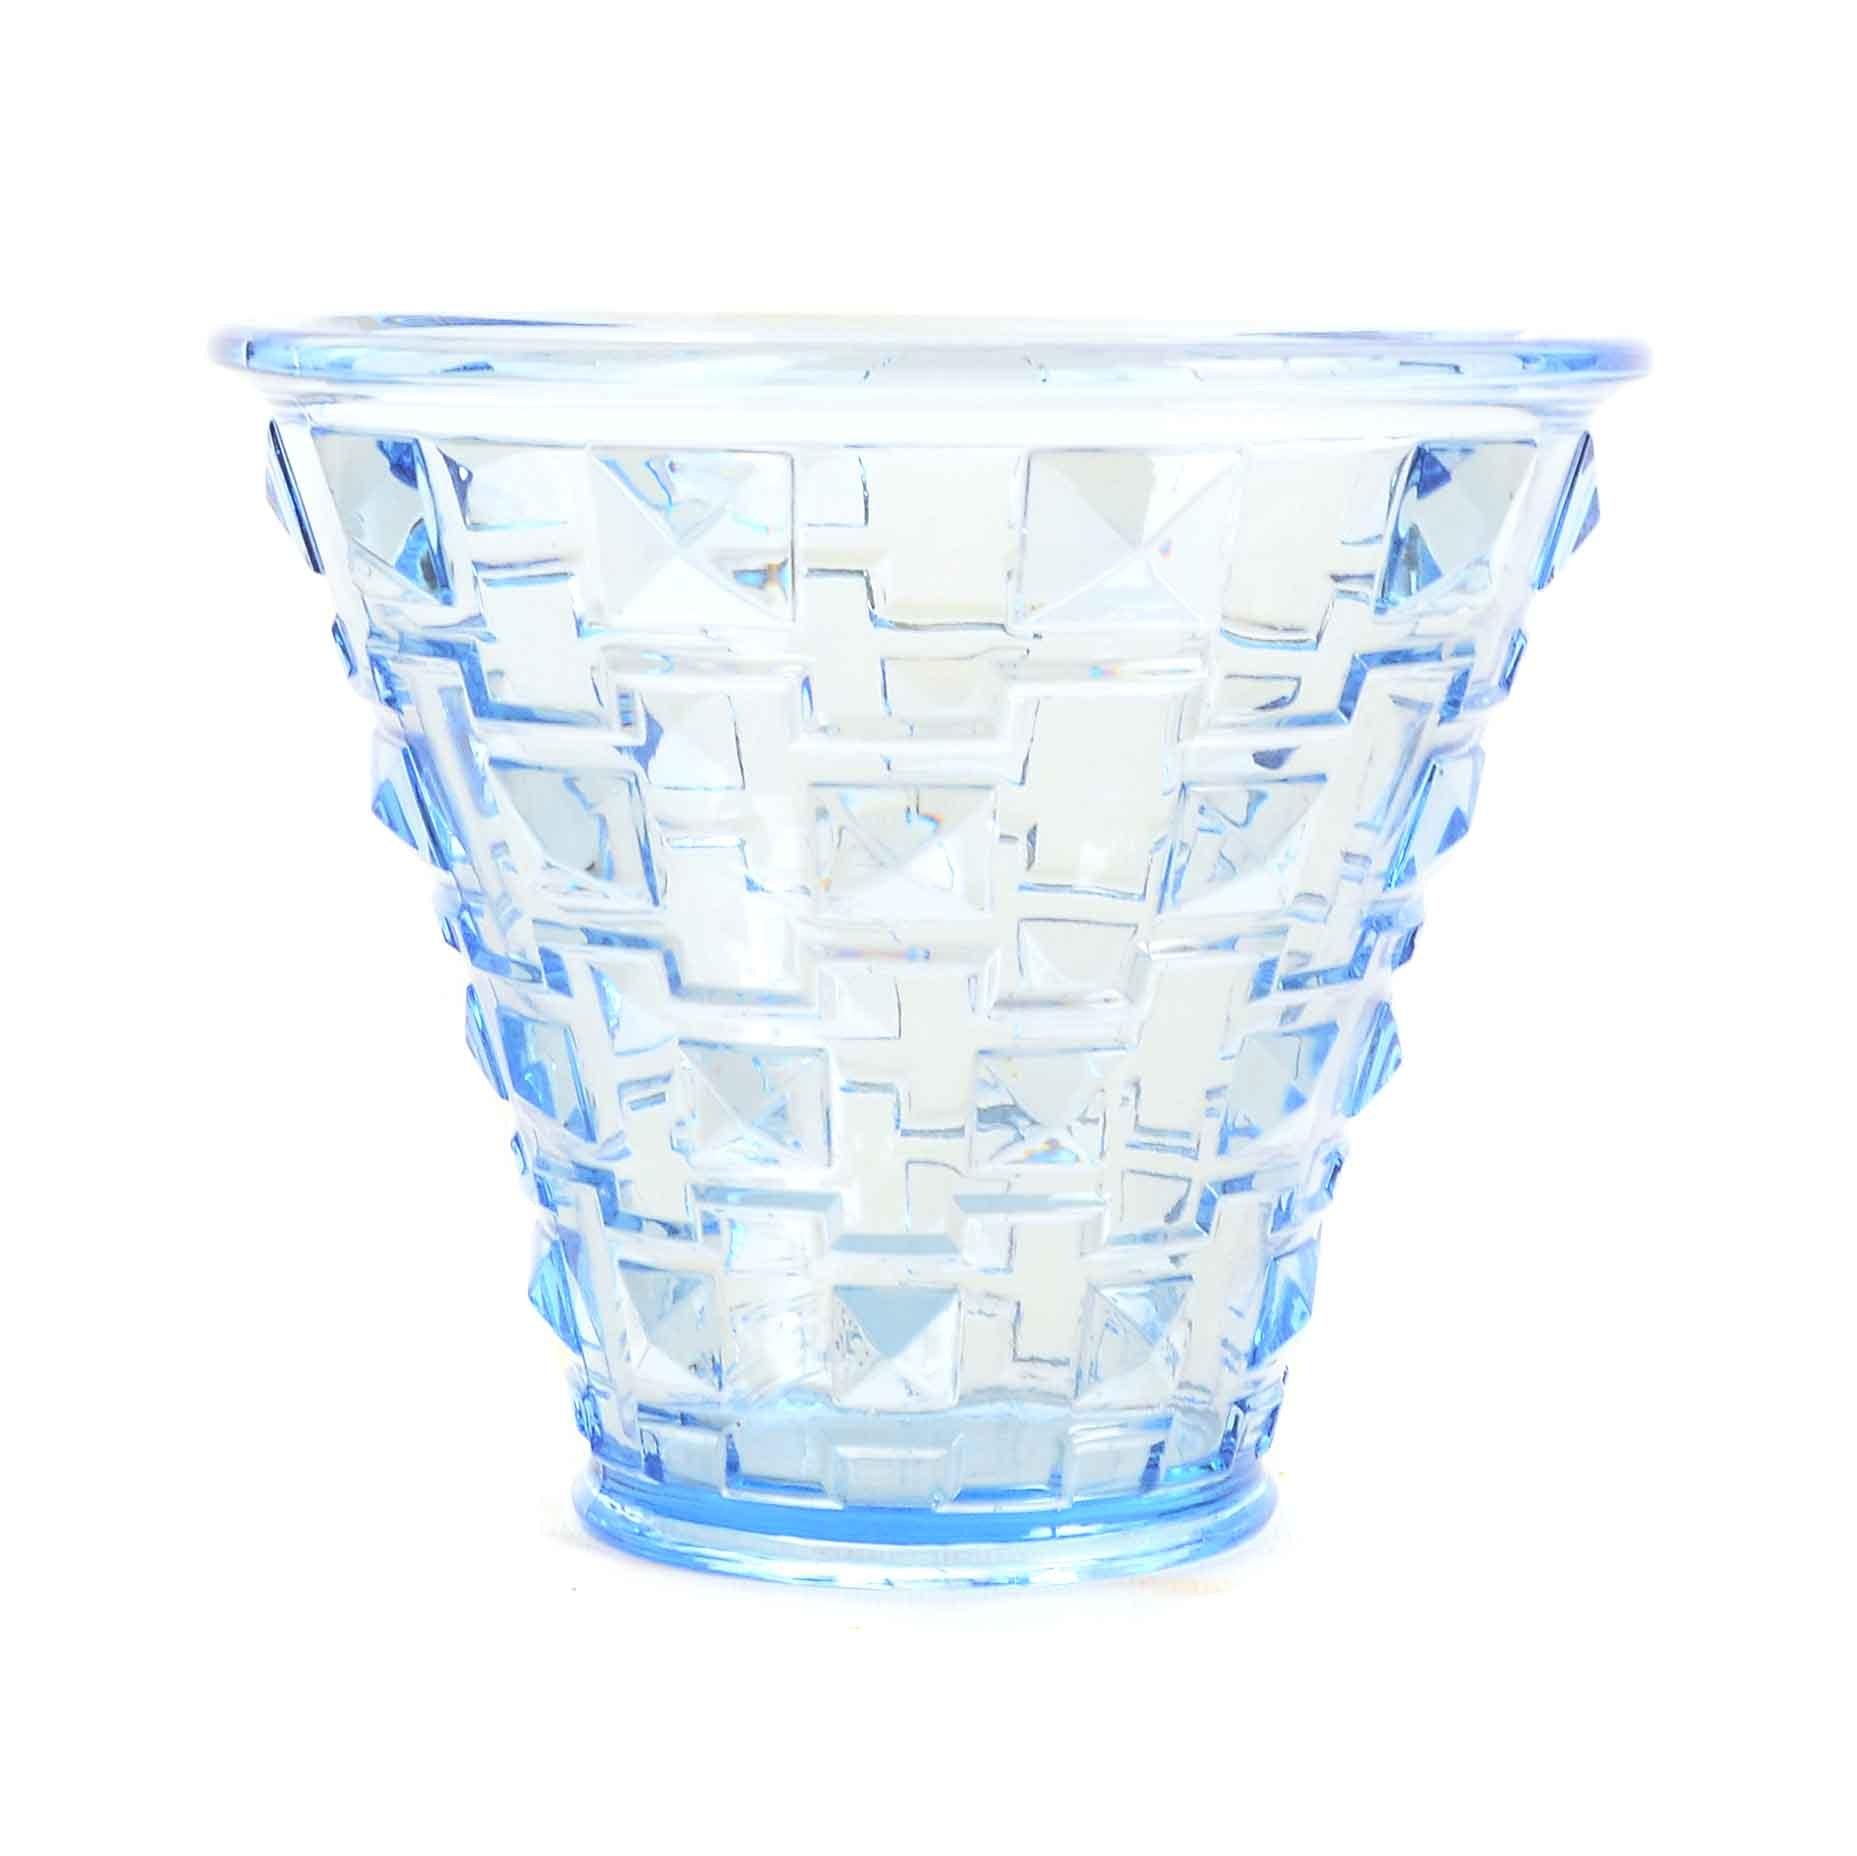 Orrefors Faceted Art Glass Vase